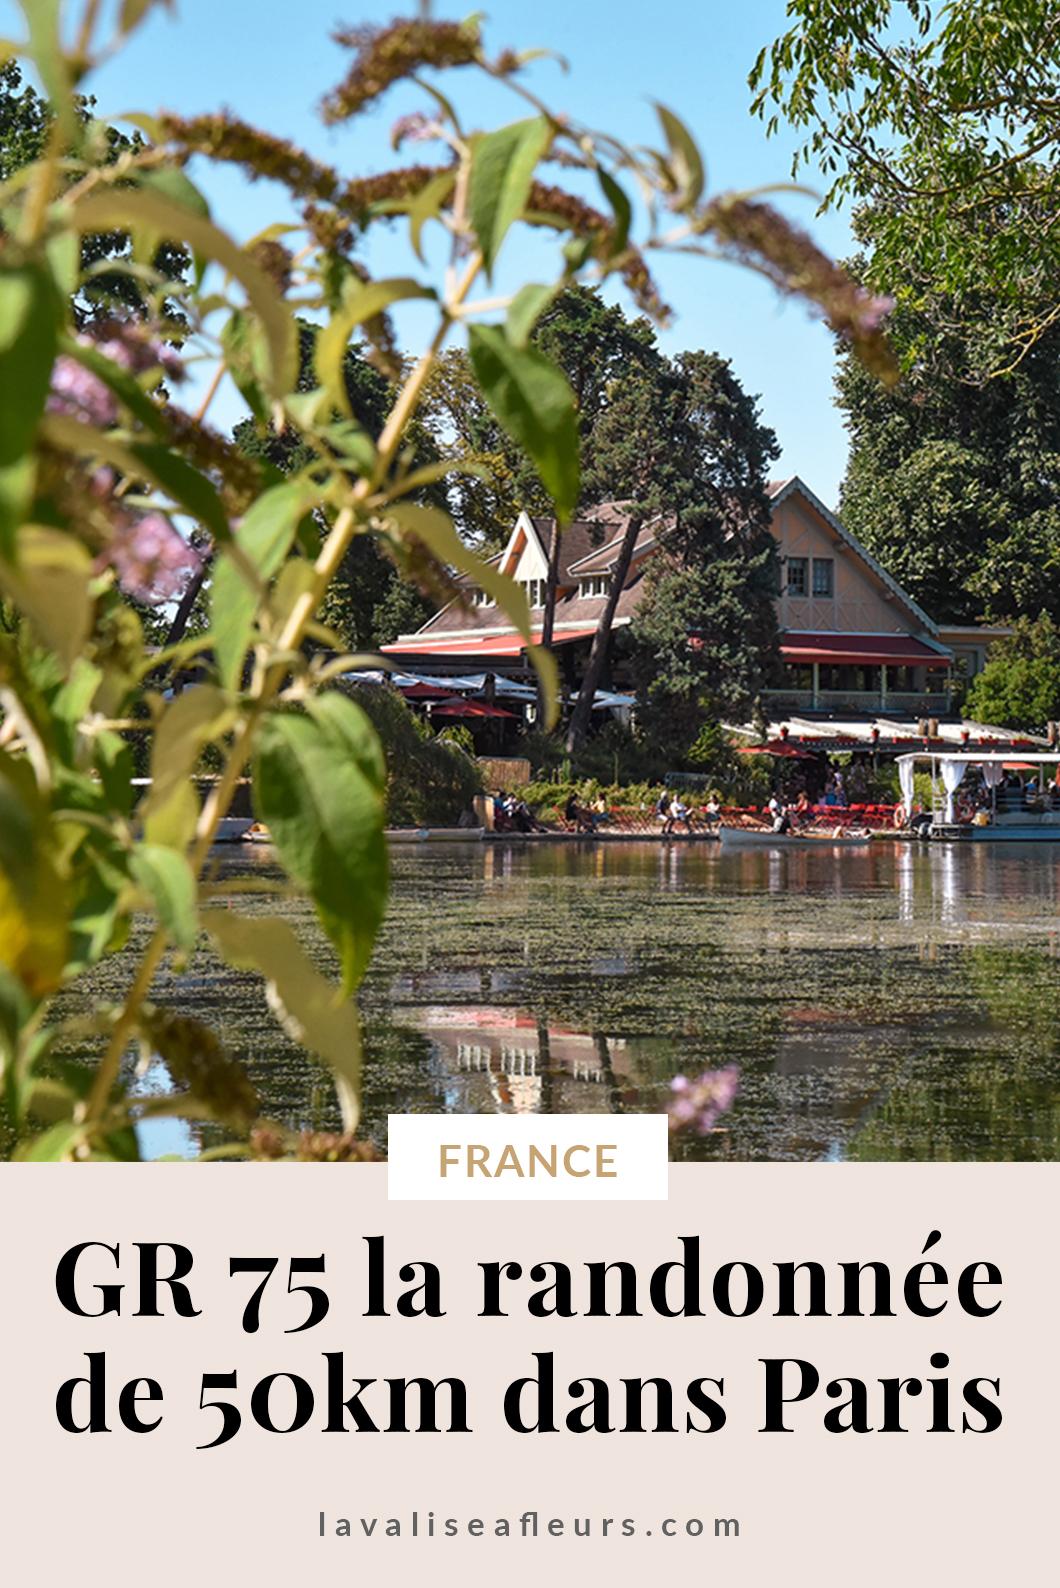 GR 75 la randonnée de 50km dans Paris